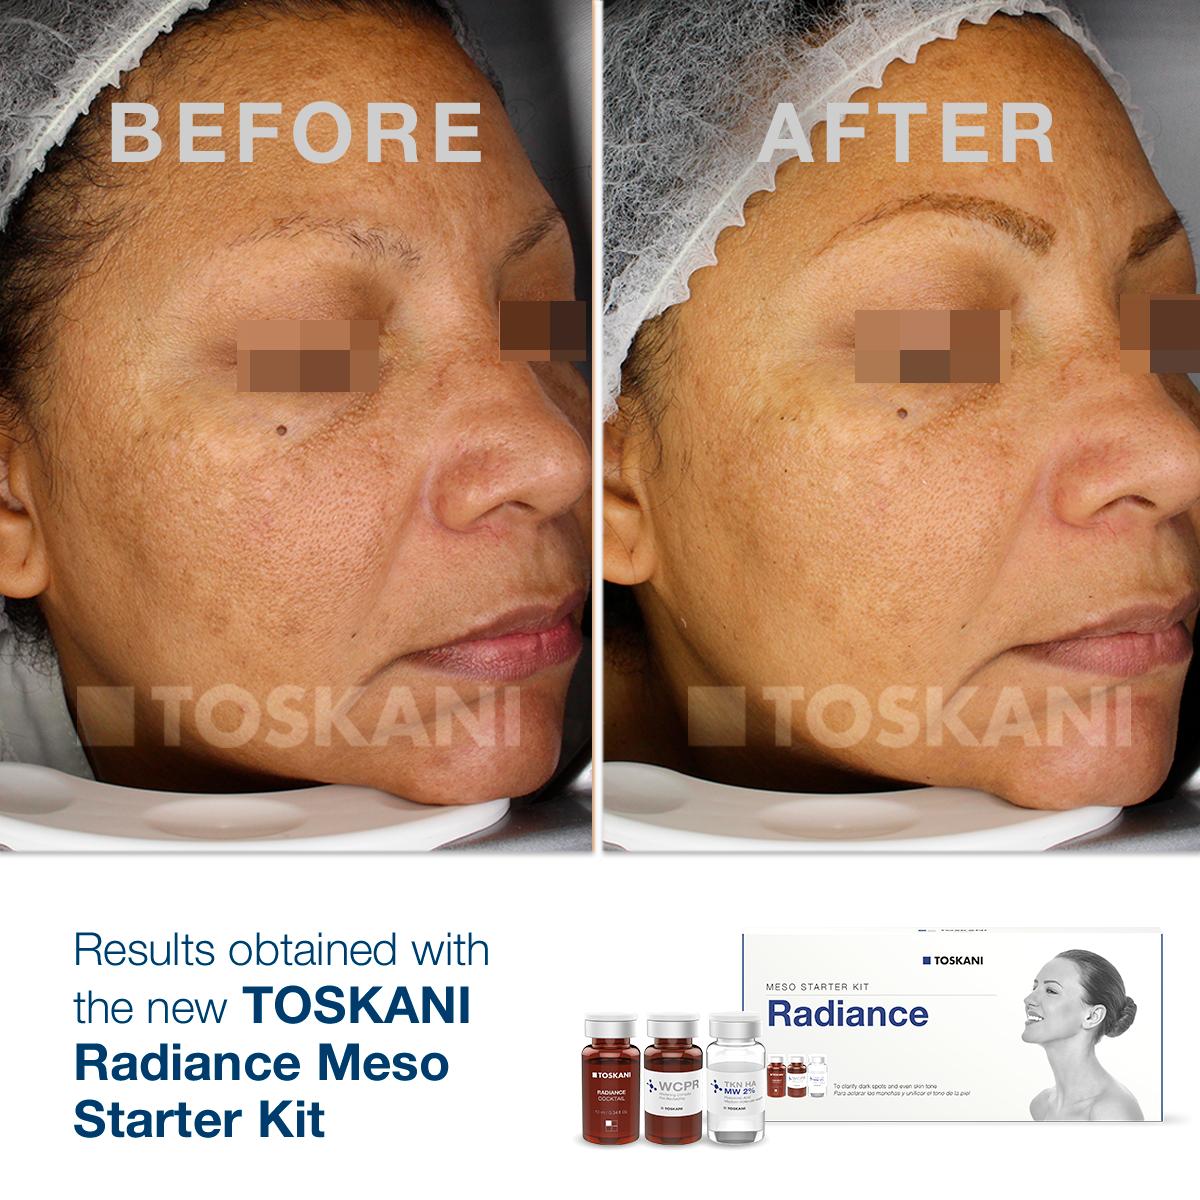 TKN_StarterKit_Radiance2_before-after